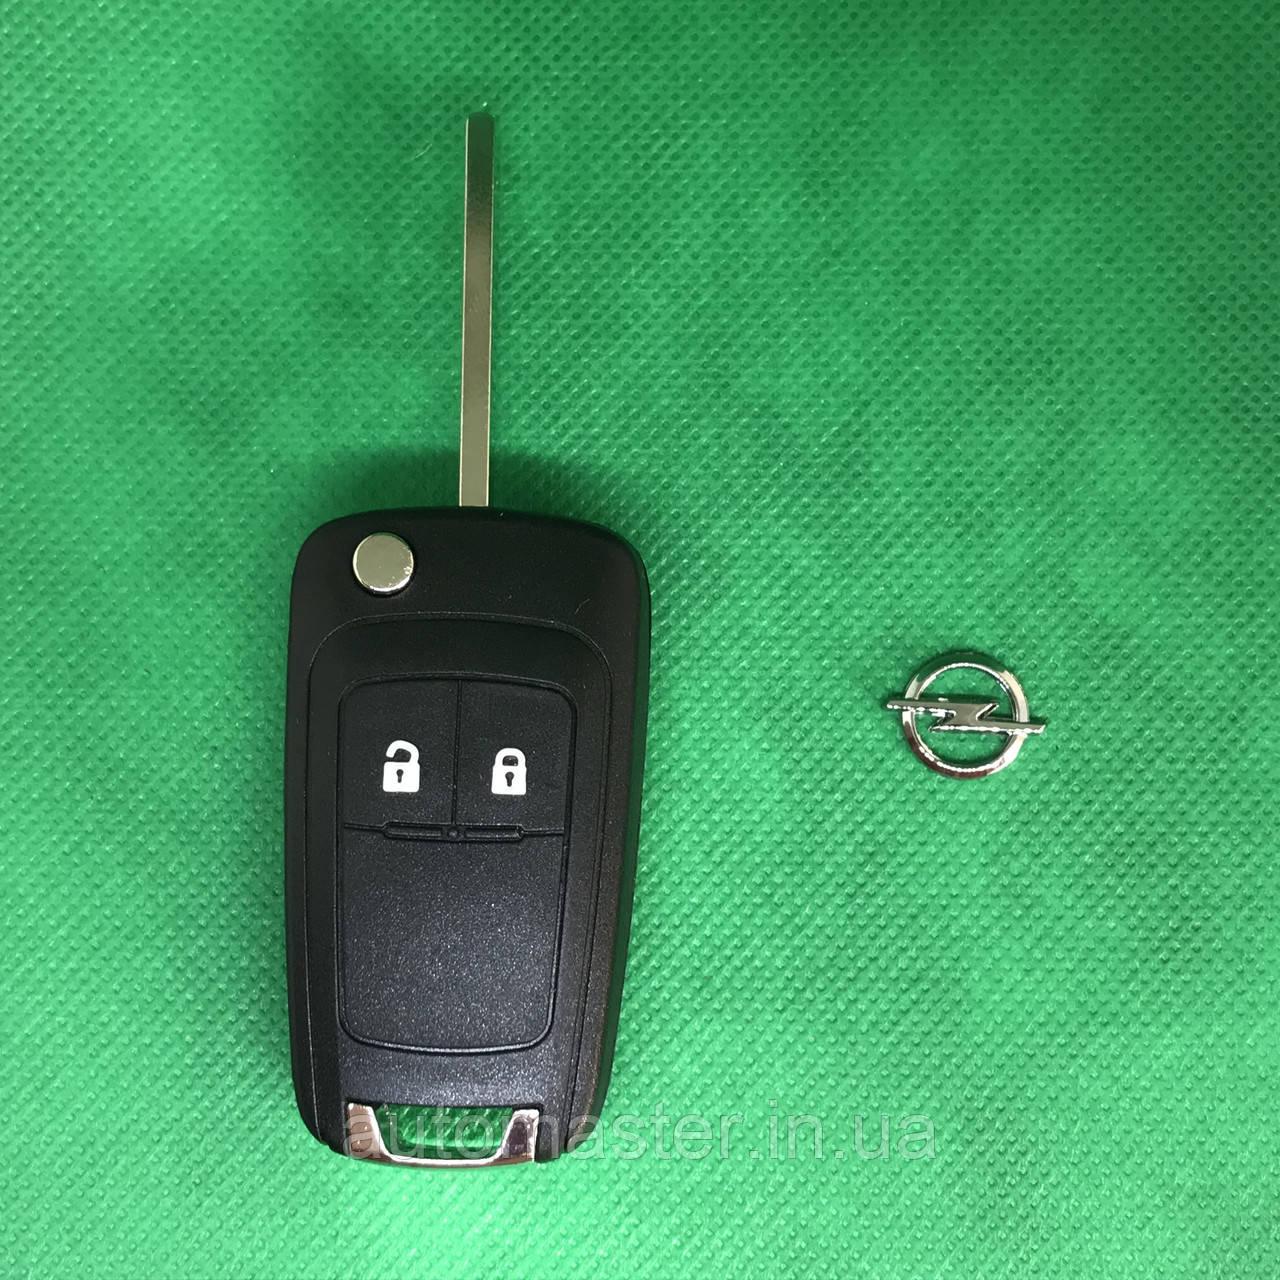 Выкидной ключ для OPEL Insignia (Опель Инсигния) 2 - кнопки, чип ID46 , 433 Mhz